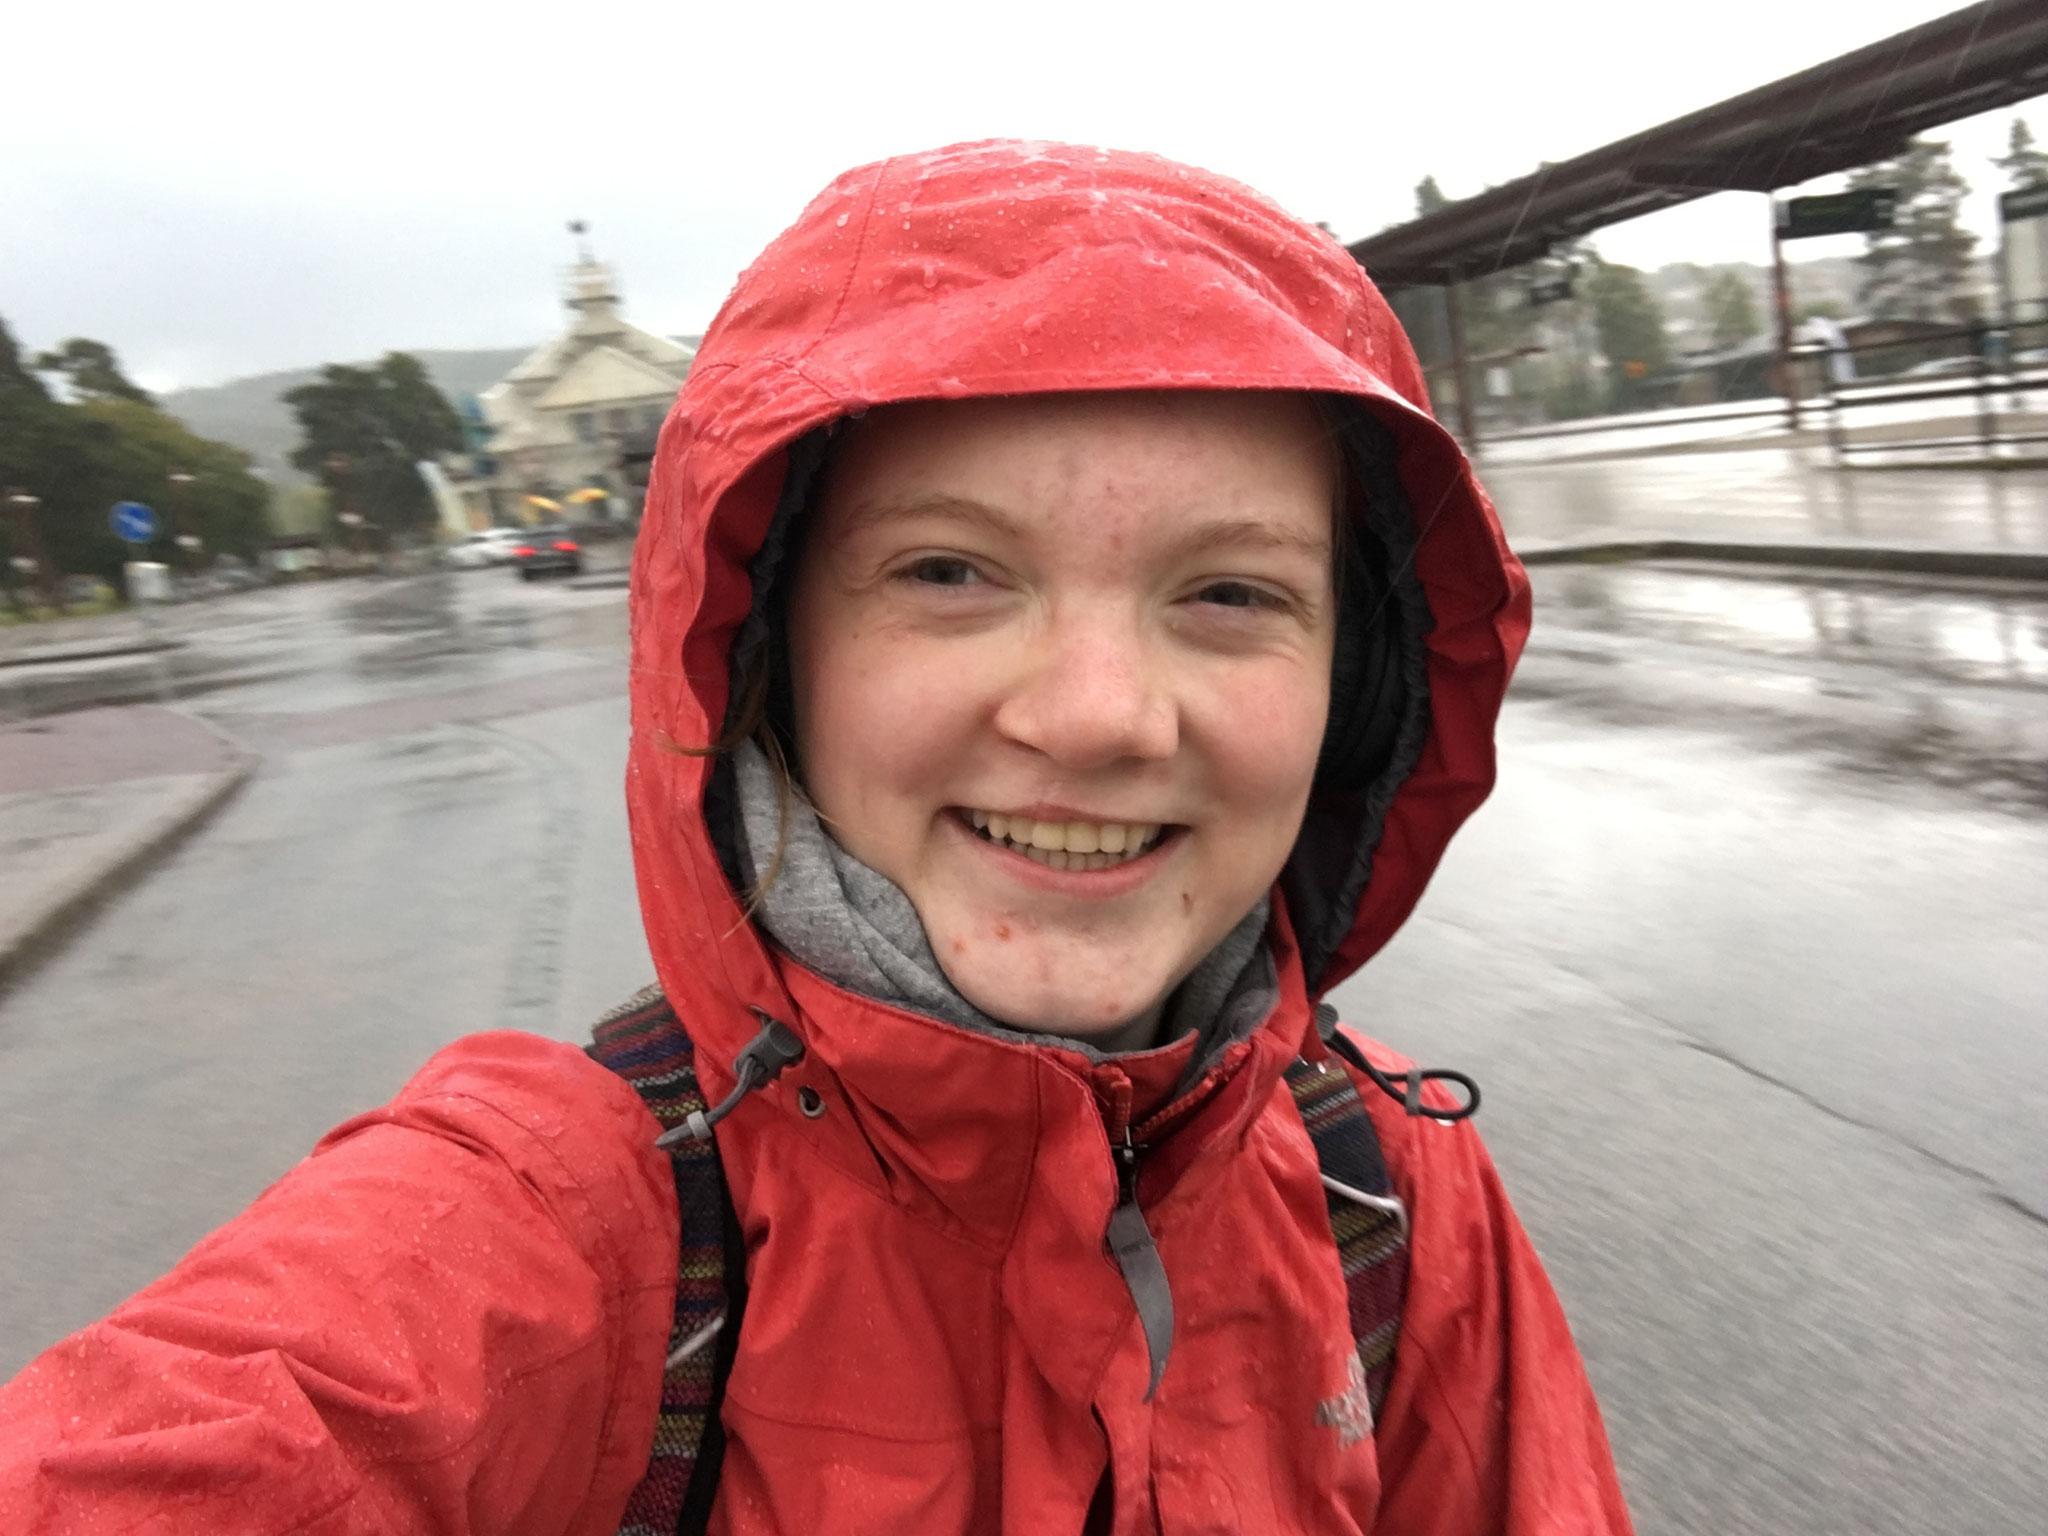 Wanderung im Regen vom Steg in mein Zimmer (Foto: Inga)